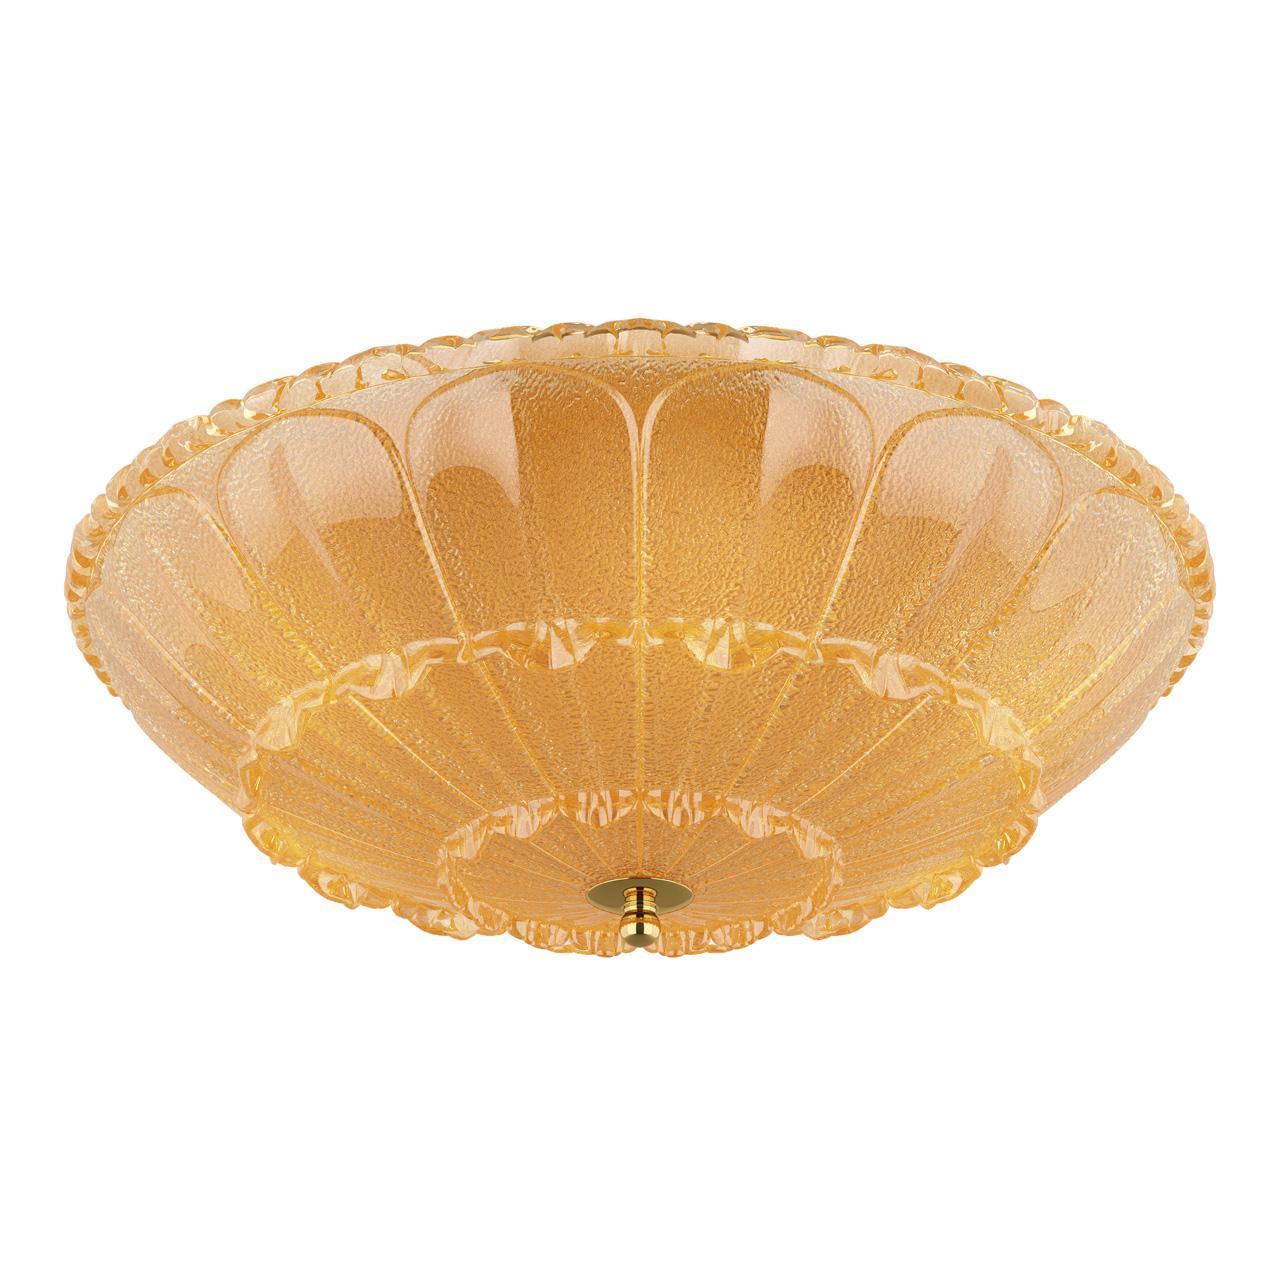 Потолочный светильник Lightstar 820262, желтый потолочный светильник lightstar zucche 820262